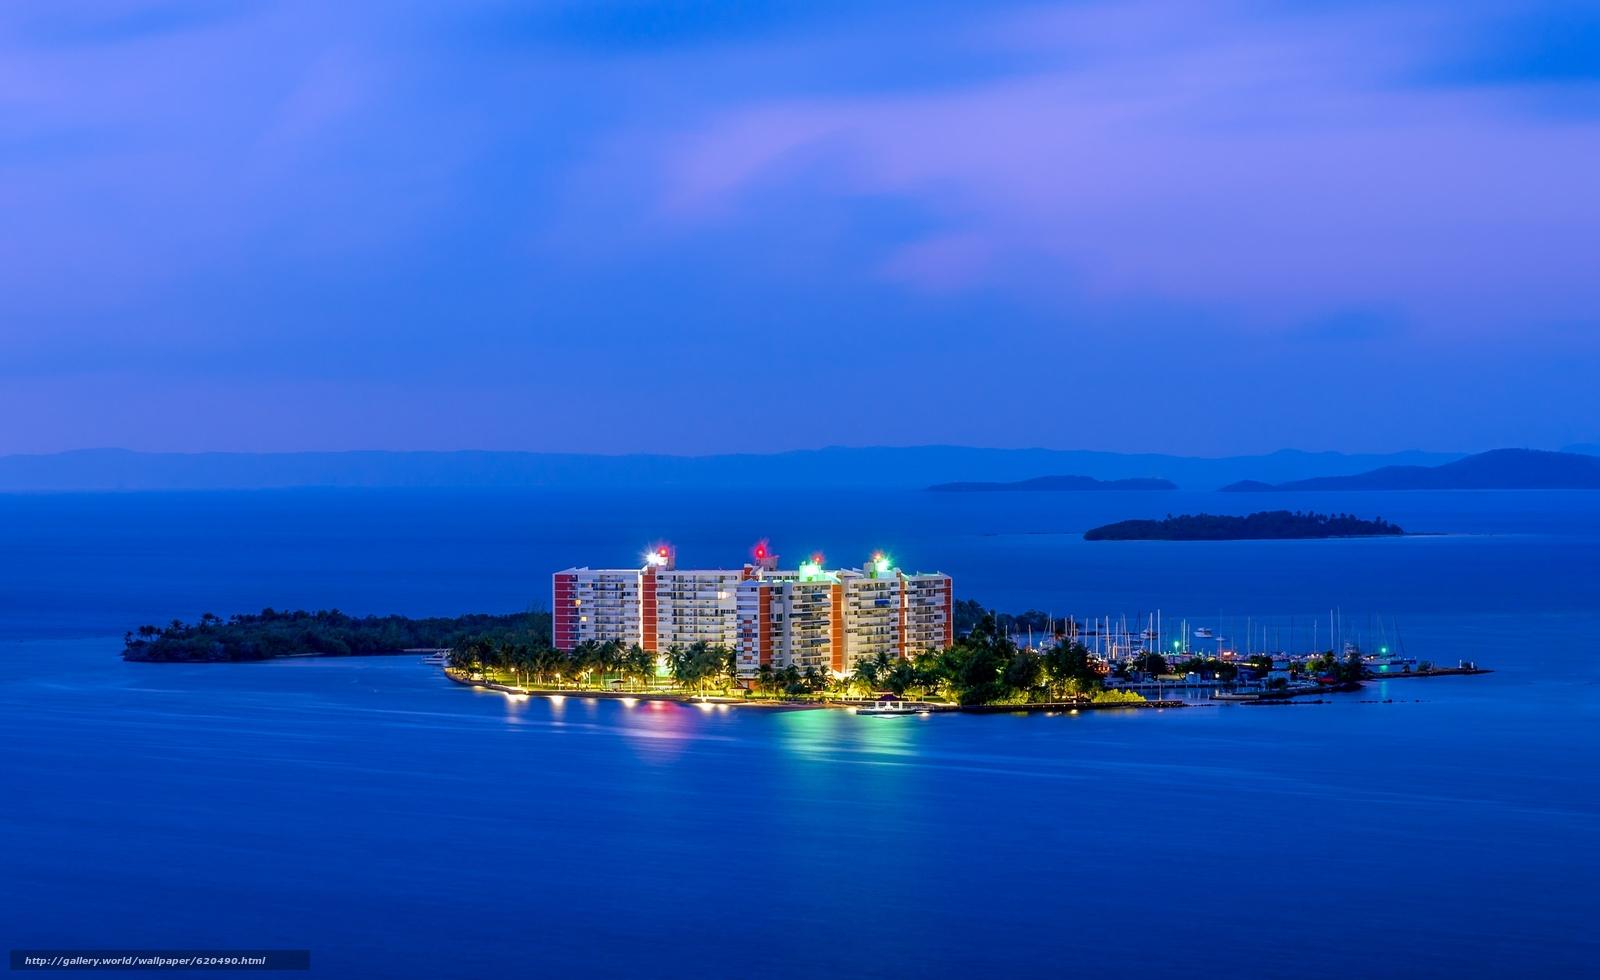 Скачать обои Isleta Marina,  Fajardo,  Puerto Rico,  Atlantic Ocean бесплатно для рабочего стола в разрешении 2048x1254 — картинка №620490